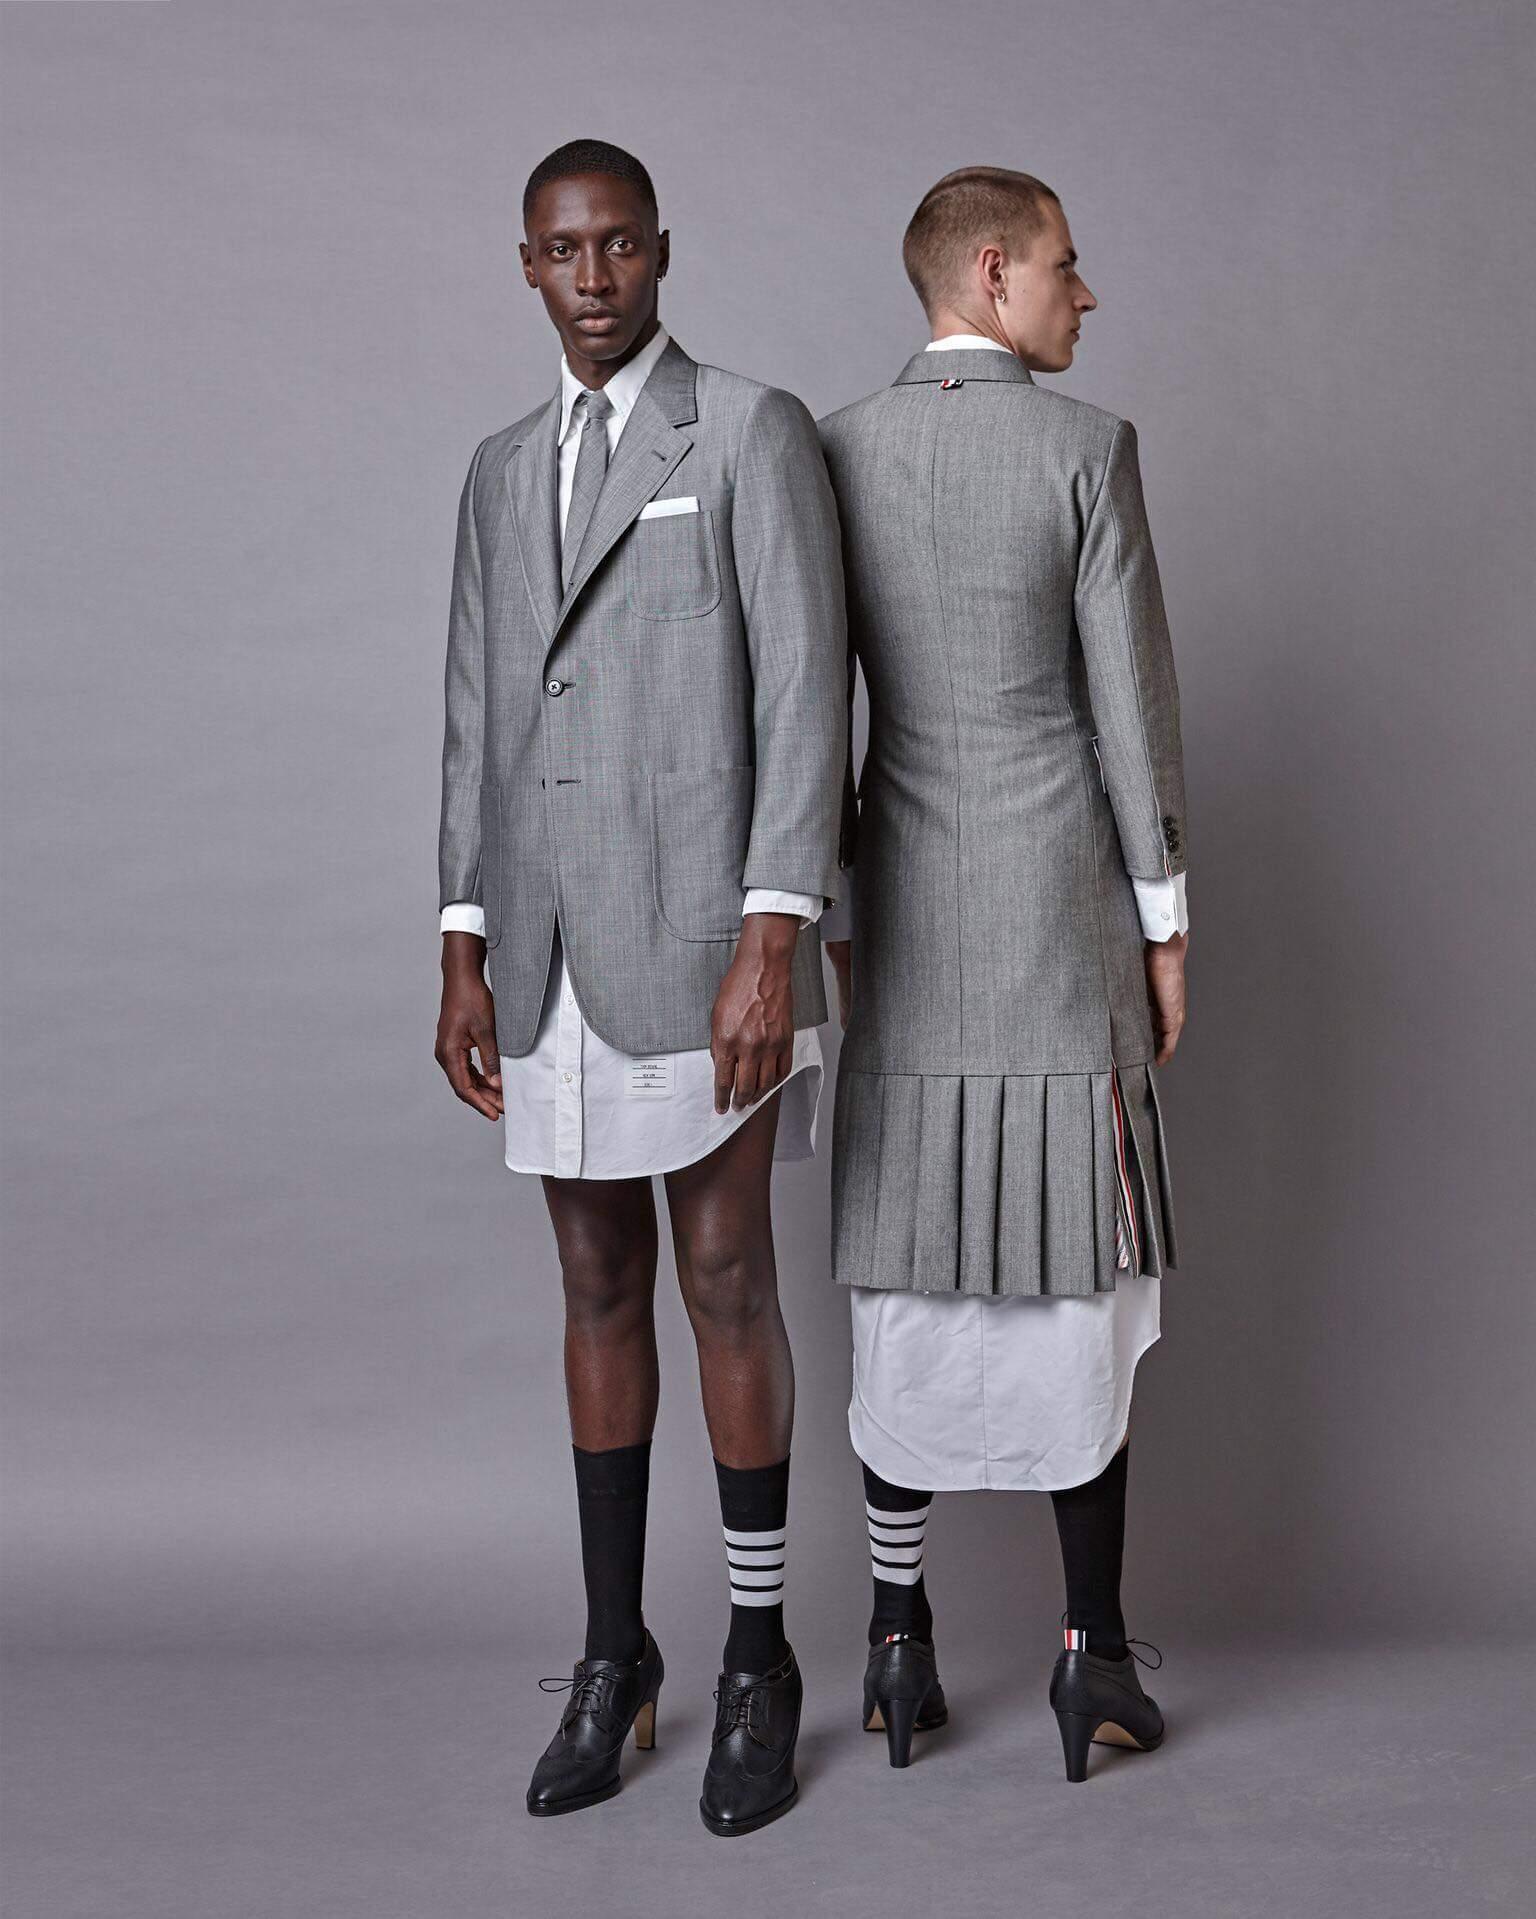 trend alert dress shirts maxi dresses pleated skirts